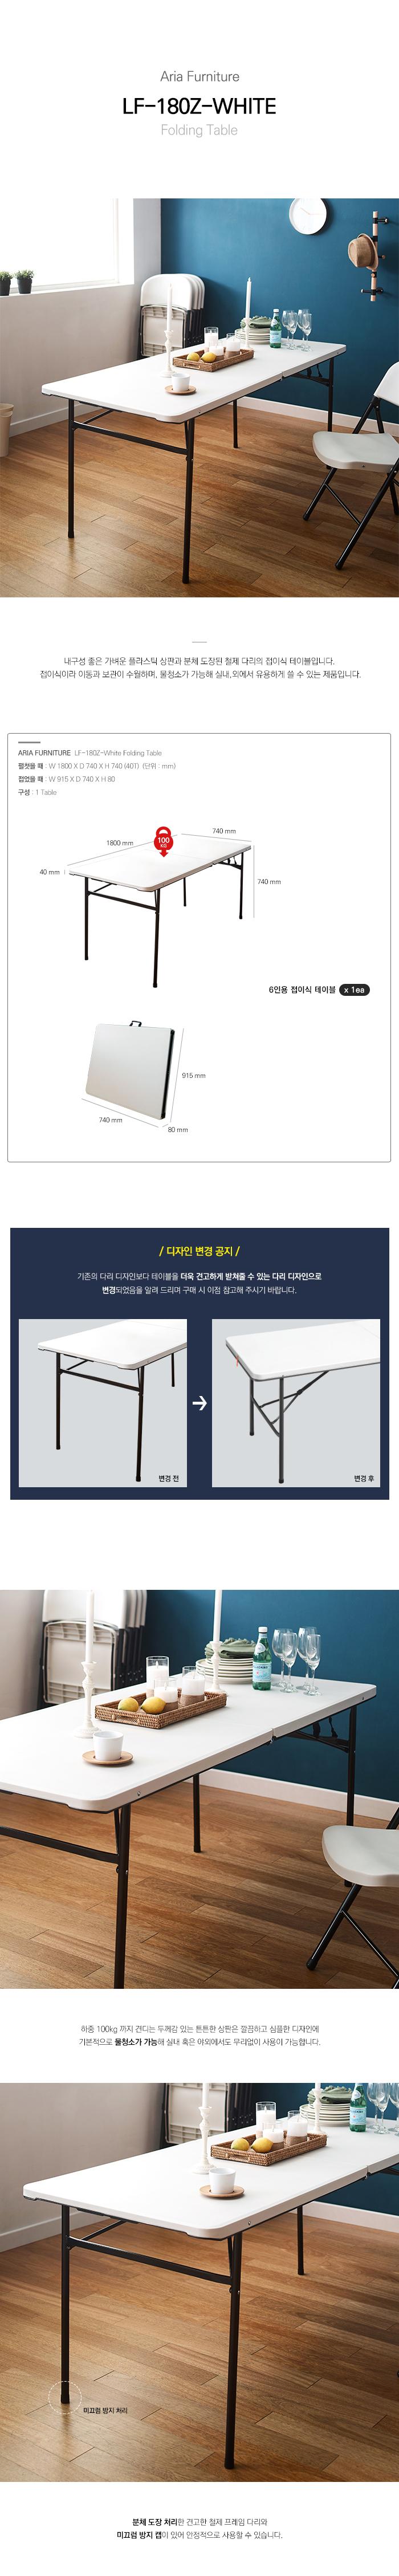 LF-180Z-White_Folding_Table_180423-01.jp